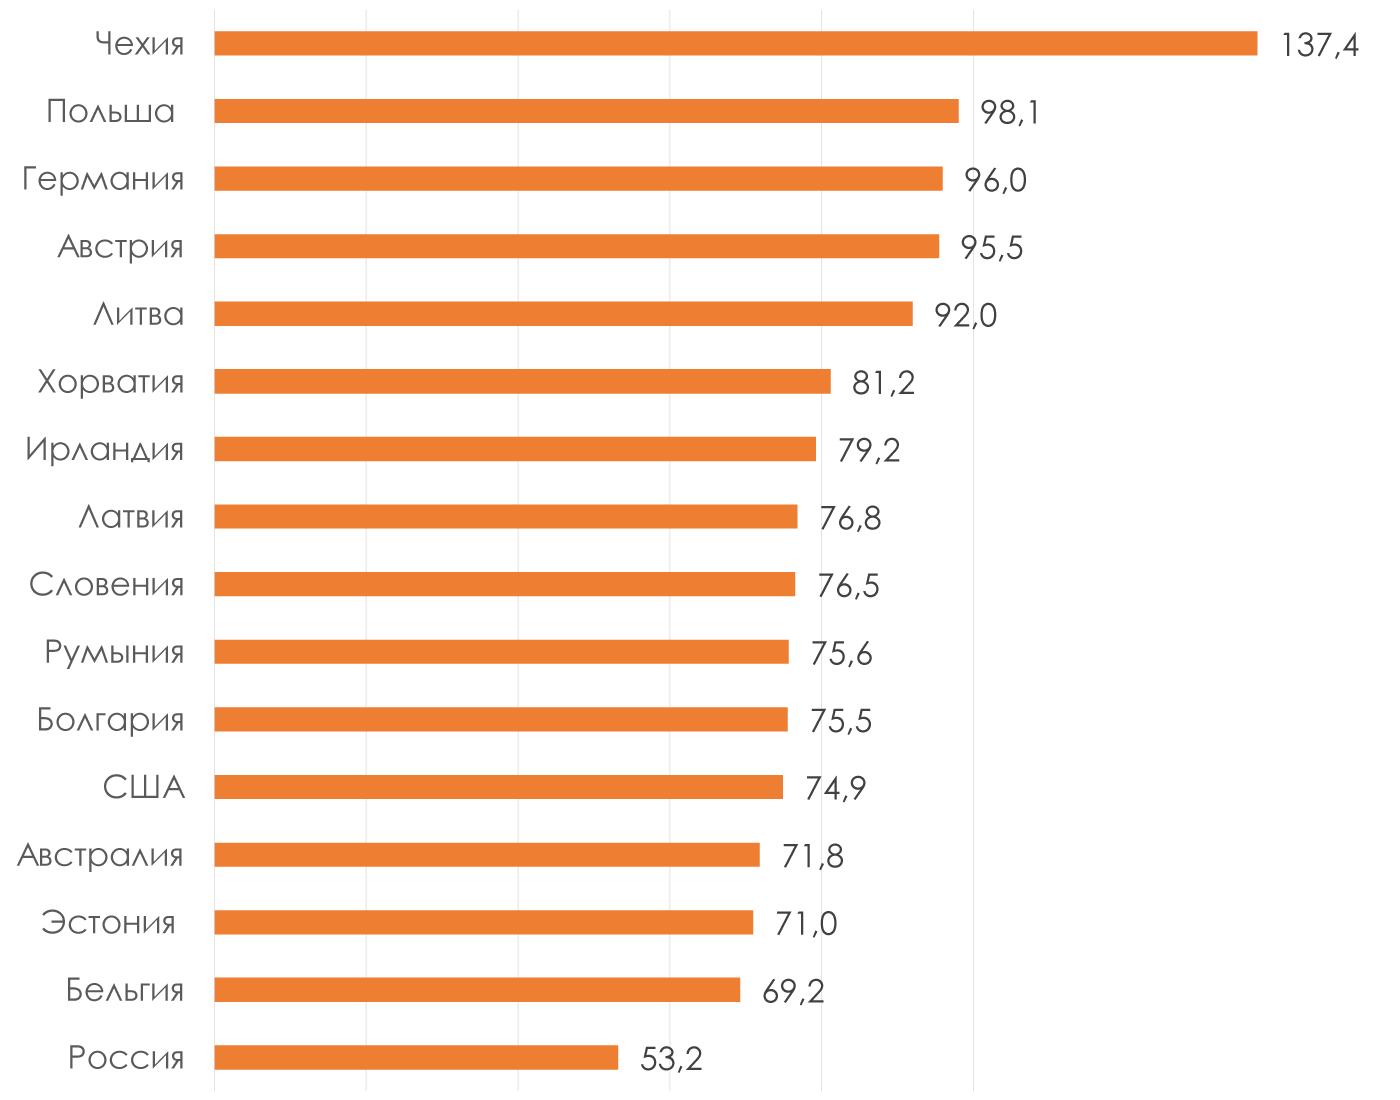 Потребление-пива-на-душу-населения-л-год